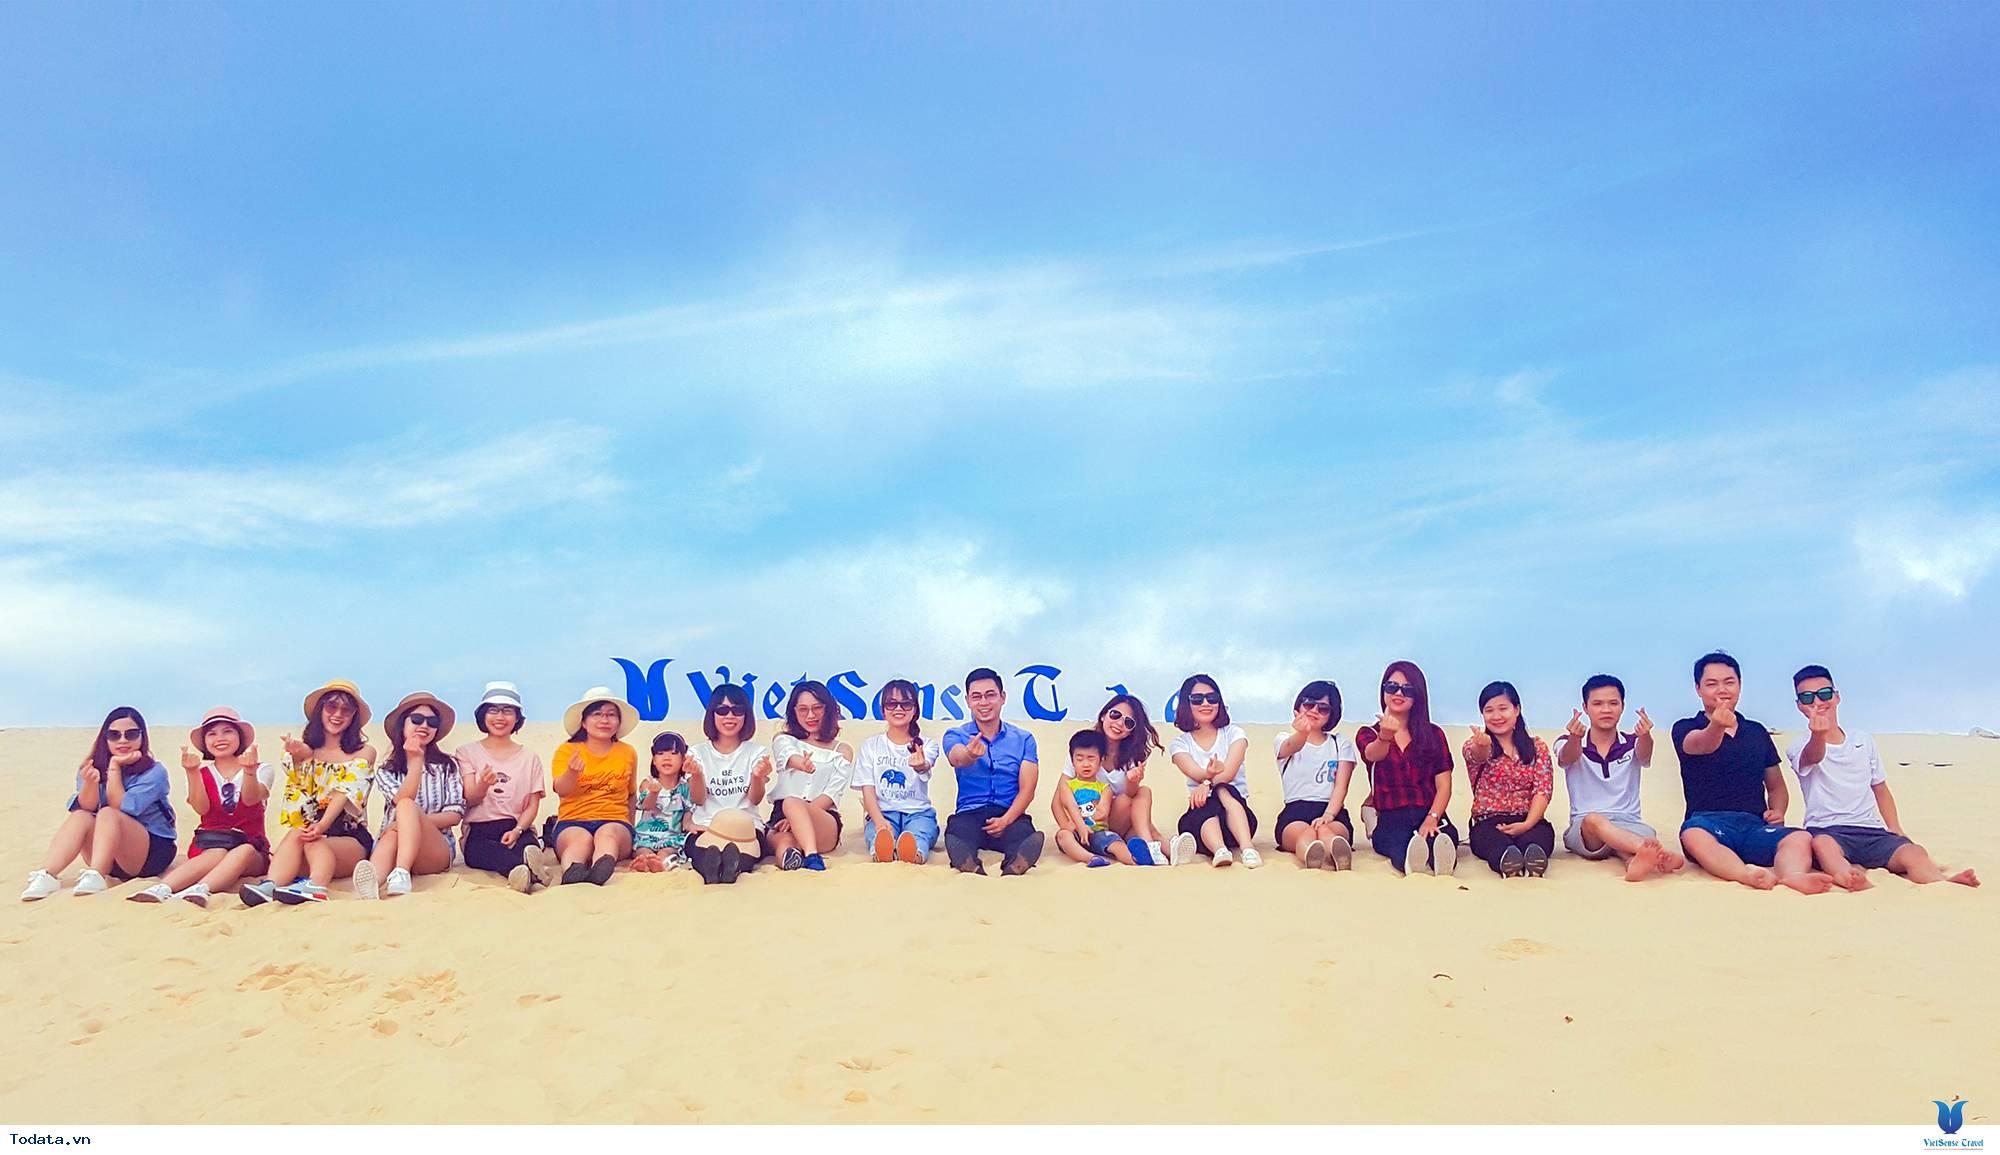 Tour Du Lịch Quảng Bình Mùa Hè Từ Hà Nội - Ảnh 2